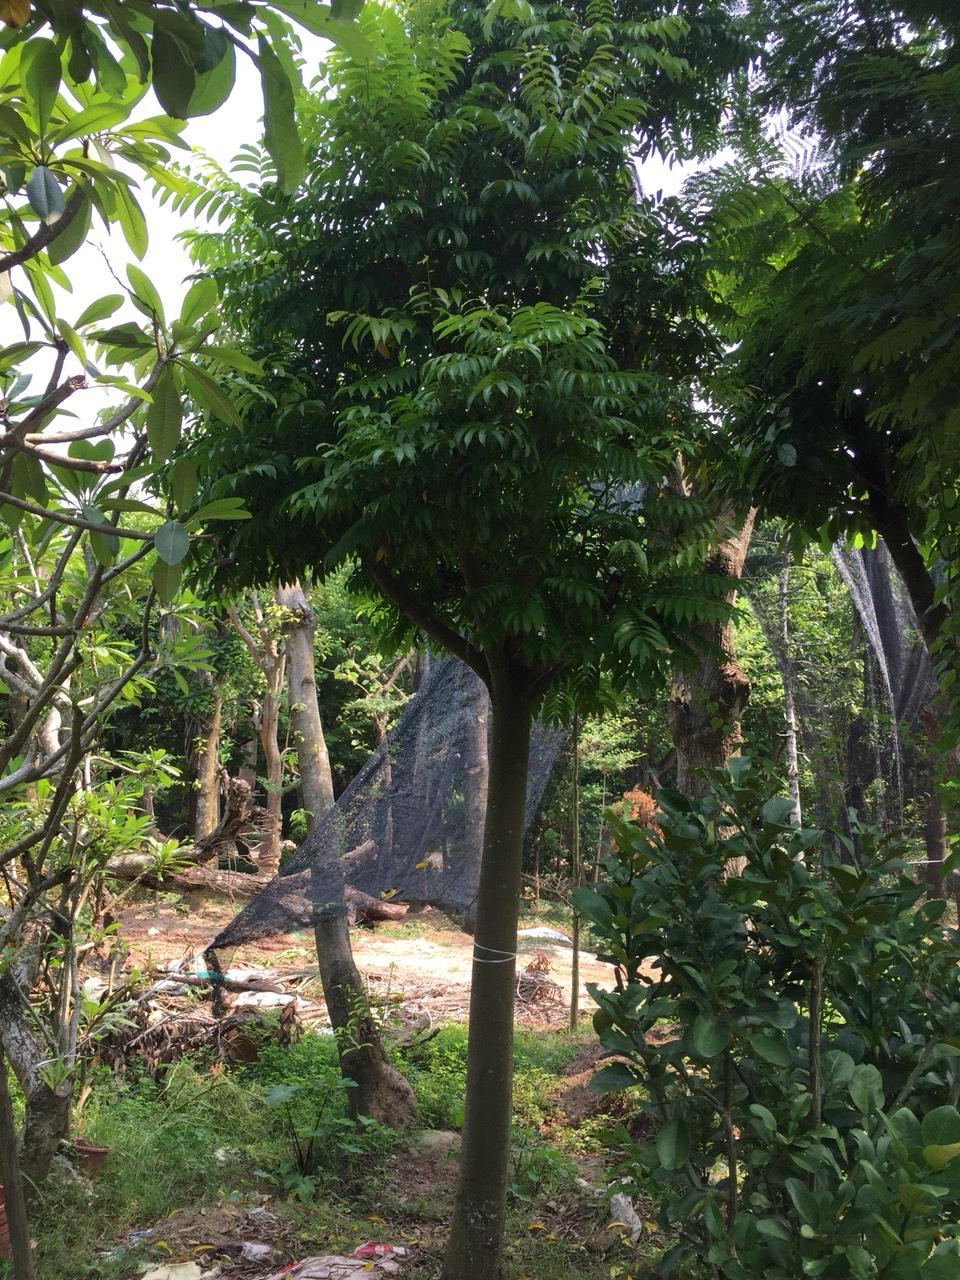 Báo giá cây sấu công trình - Bảo Hành 6 tháng cam kết